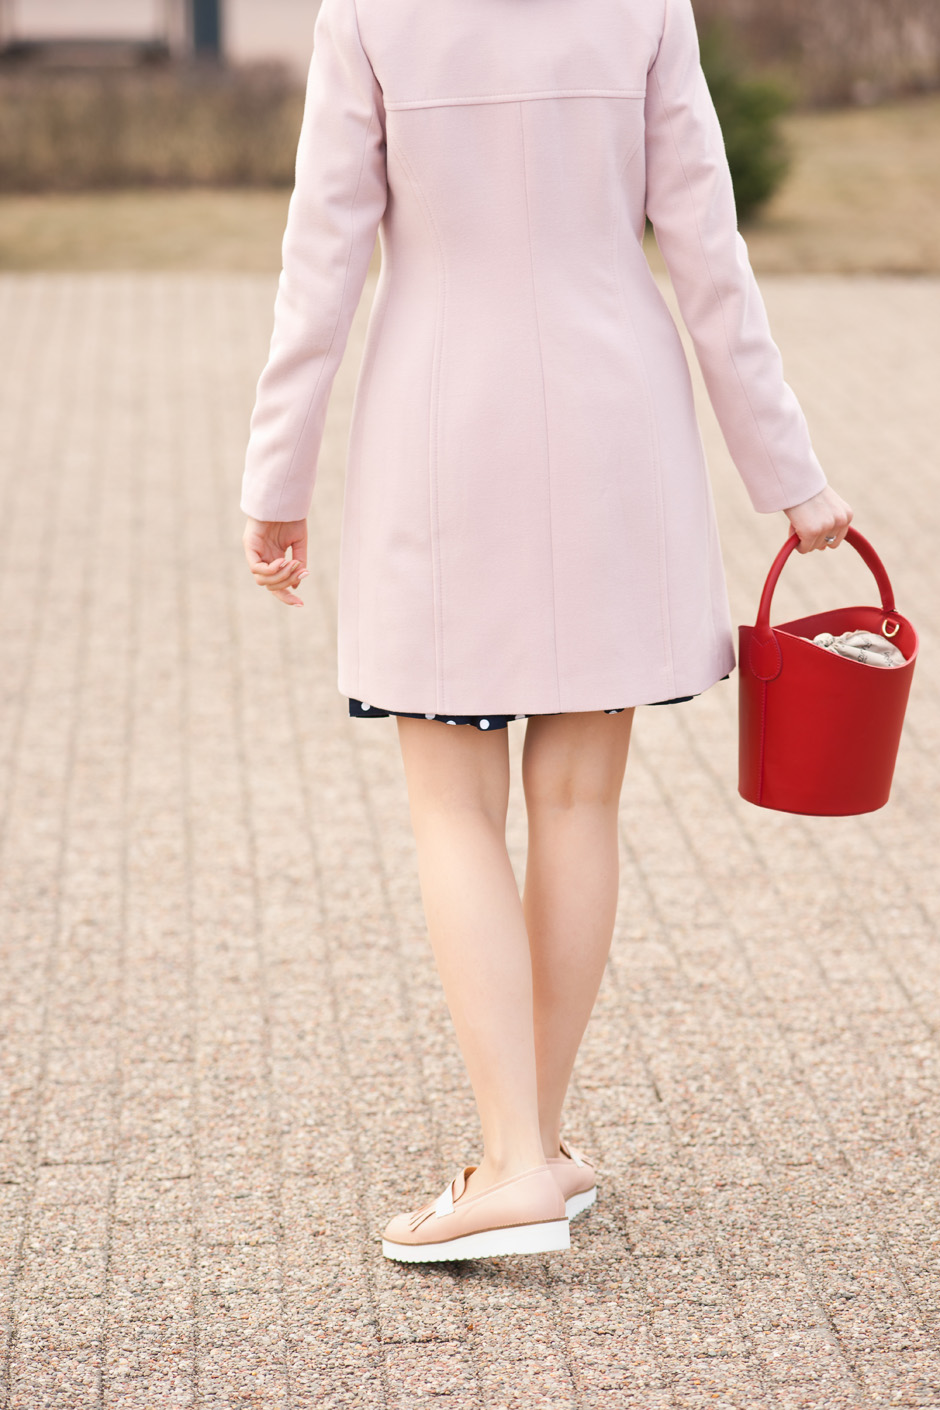 pudrowy płaszcz, sukienka w groszki stylizacja innooka (2)